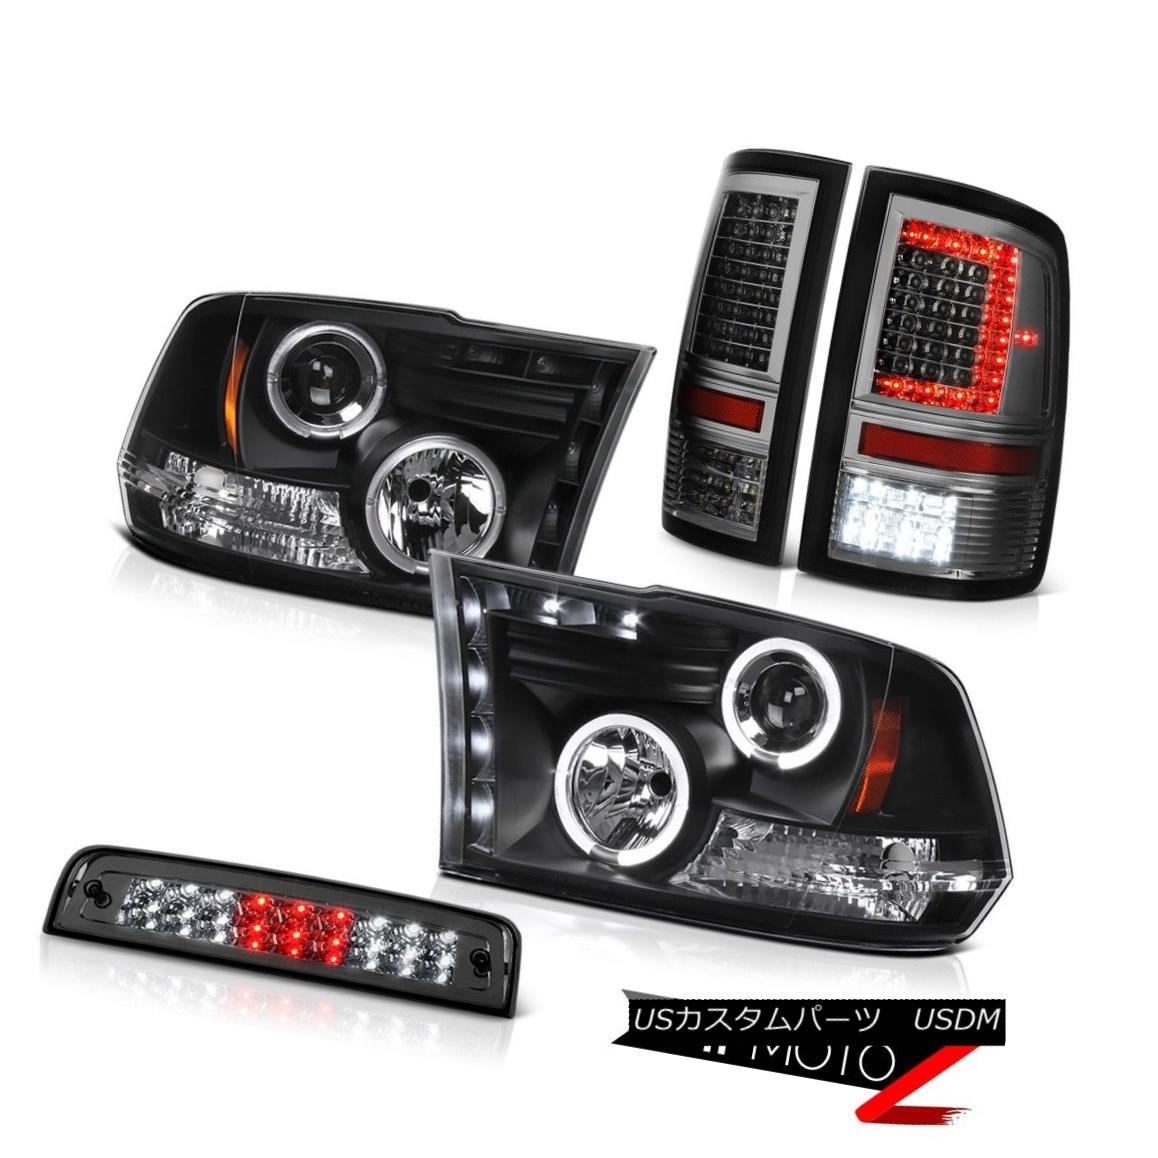 テールライト 2009-2018 Dodge RAM 2500 Titanium Smoke Led Tail Lights Brake Headlamp Assembly 2009-2018ダッジRAM 2500チタン煙Ledテールライトブレーキヘッドランプアセンブリ